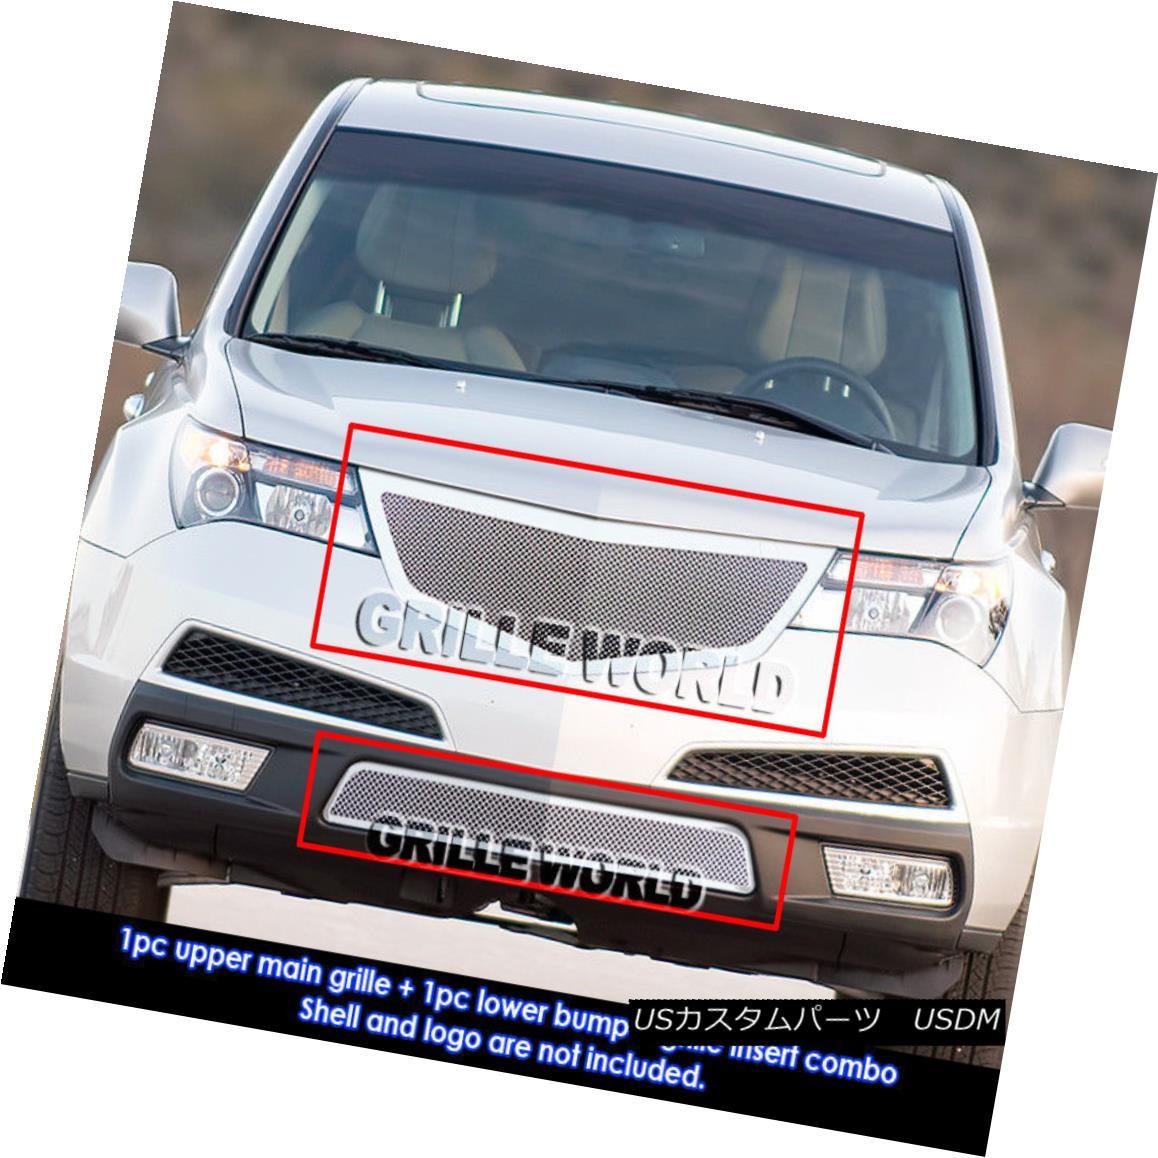 グリル For 10-11 2011 Acura MDX Stainess Mesh Grille Combo Insert 2011年10月11日のAcura MDXステンレスメッシュグリルコンボインサート